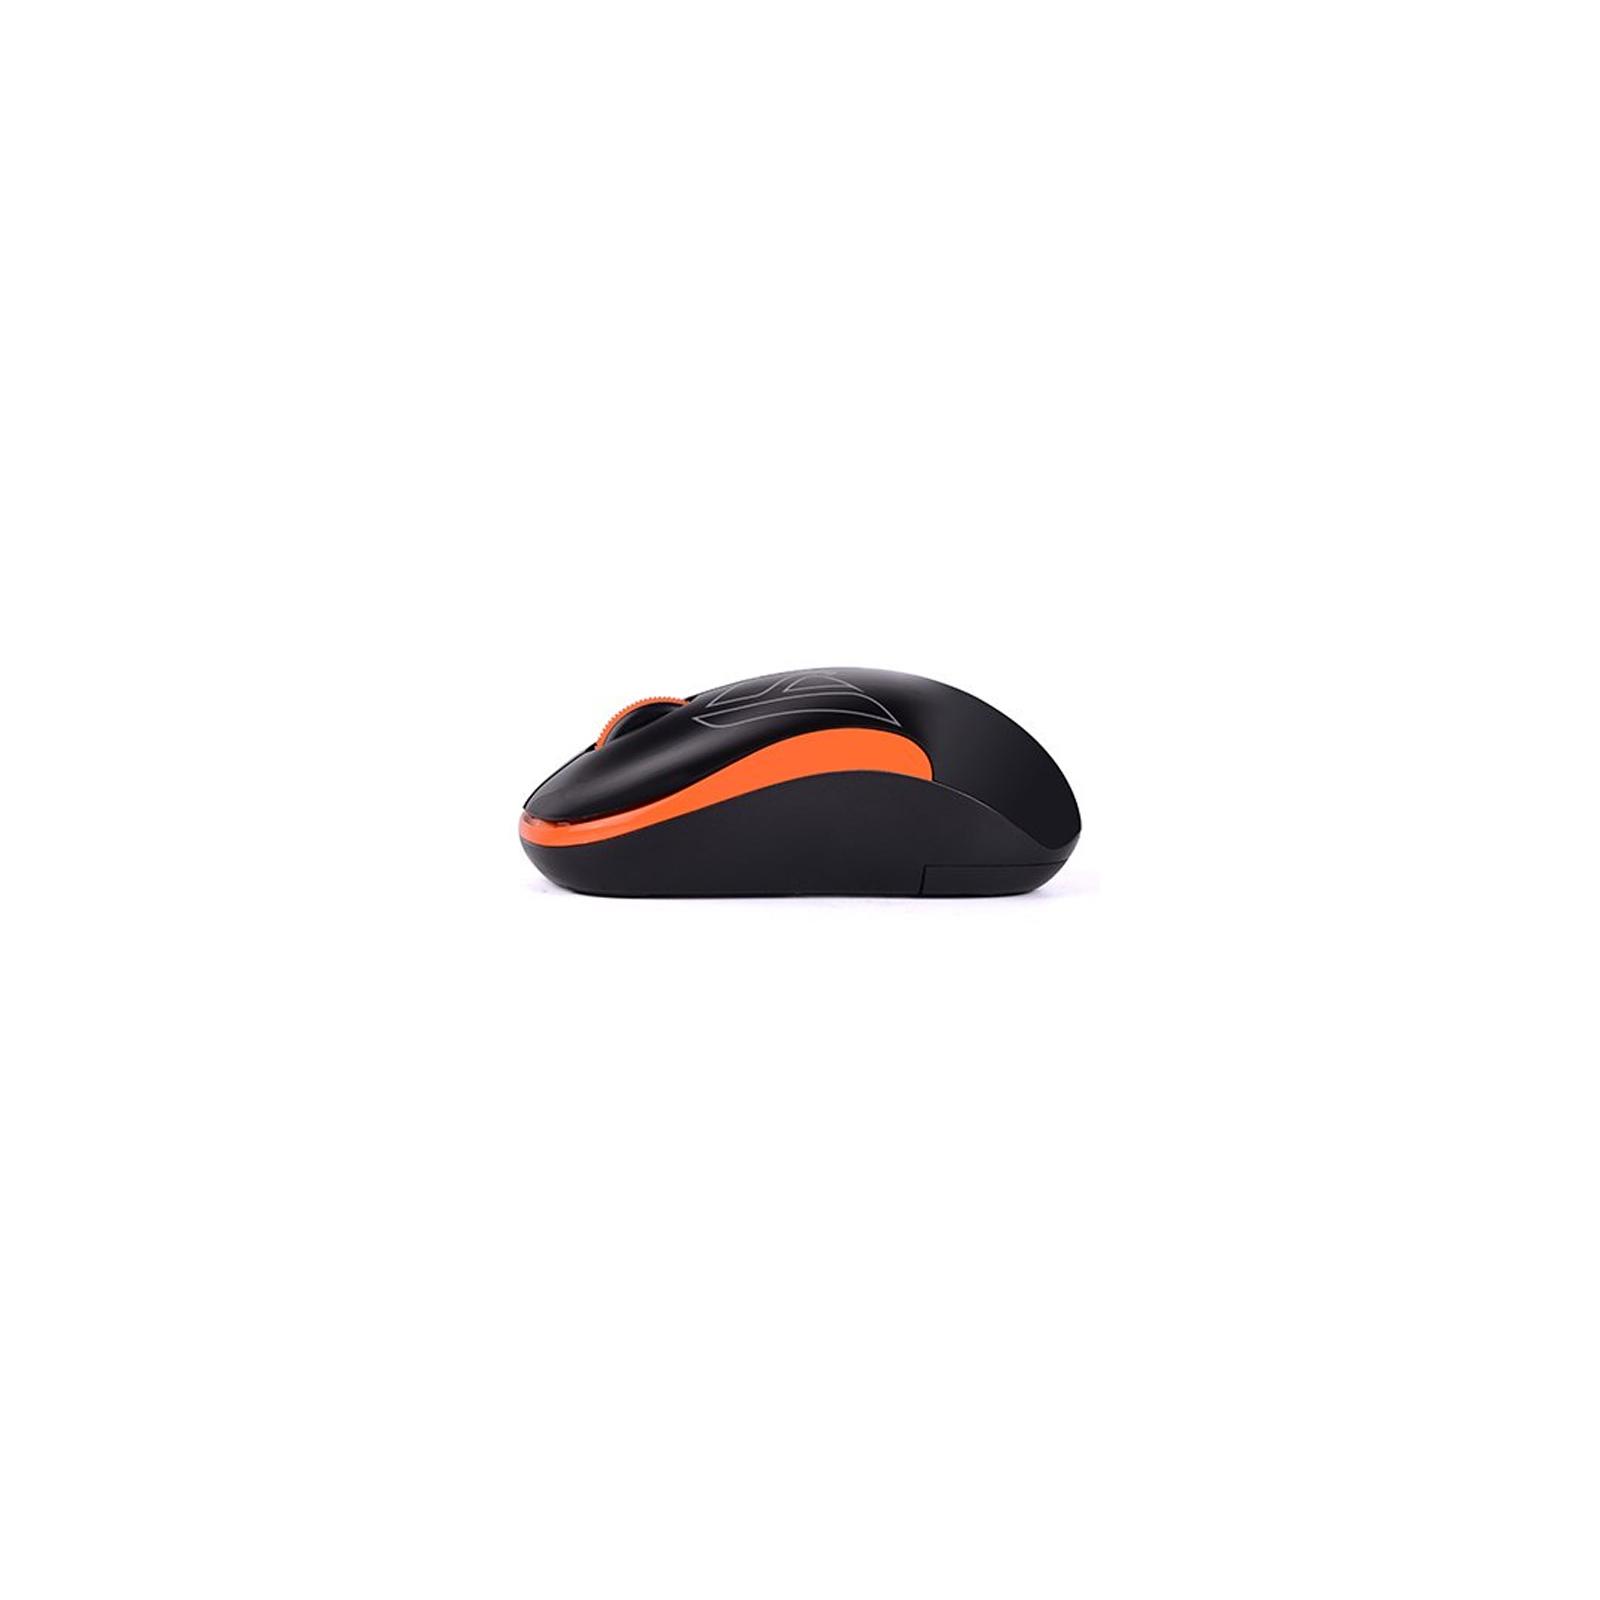 Мышка A4Tech G3-300N Black+Orange изображение 3